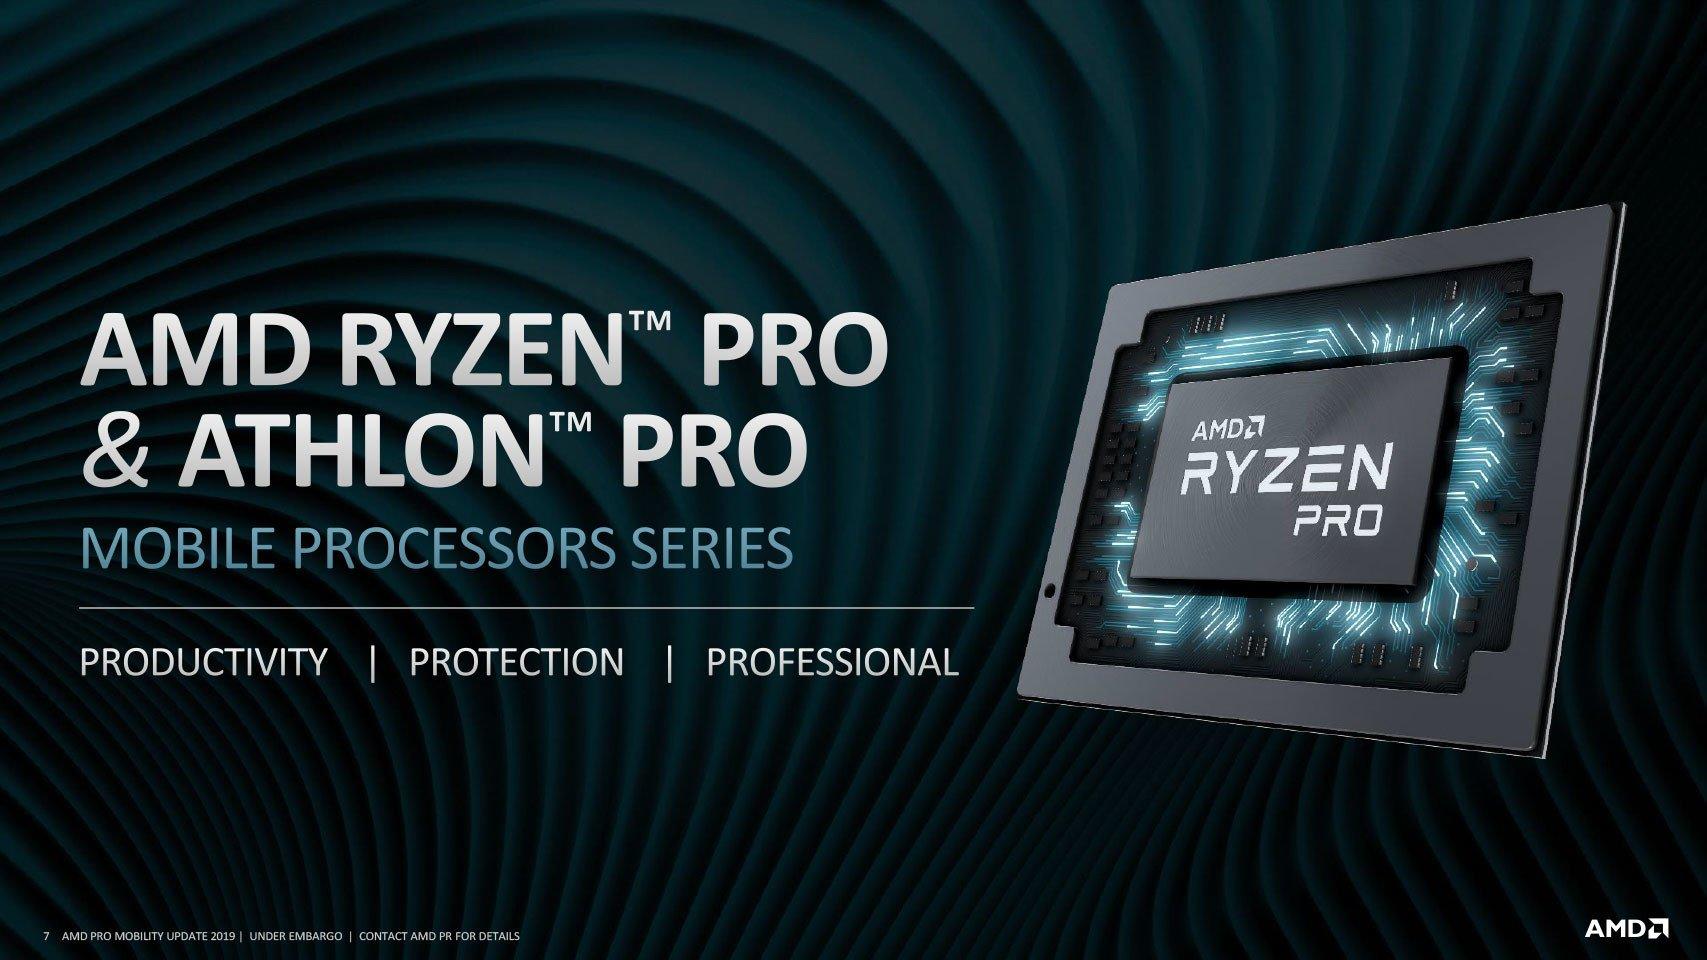 Image 14 : AMD sort sa deuxième génération de processeurs mobiles Ryzen PRO